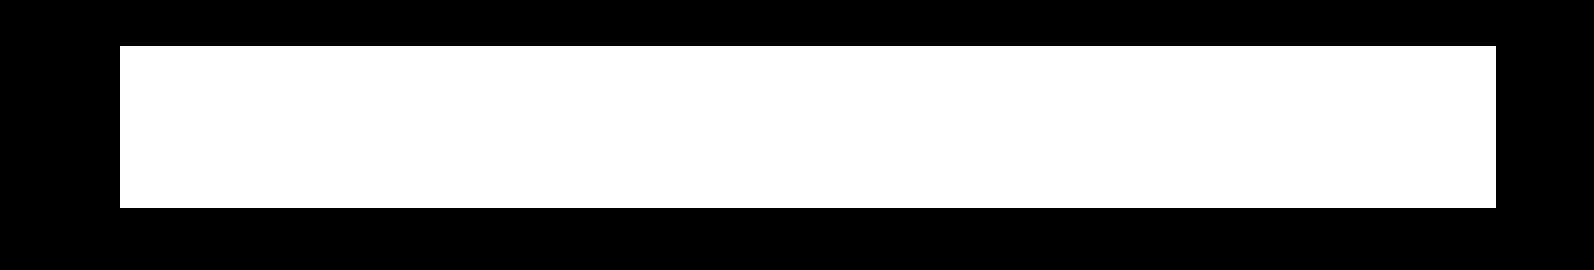 https://festiwalopowiadania.pl/wp-content/uploads/2021/07/16-MFSO__website_logotypy.png